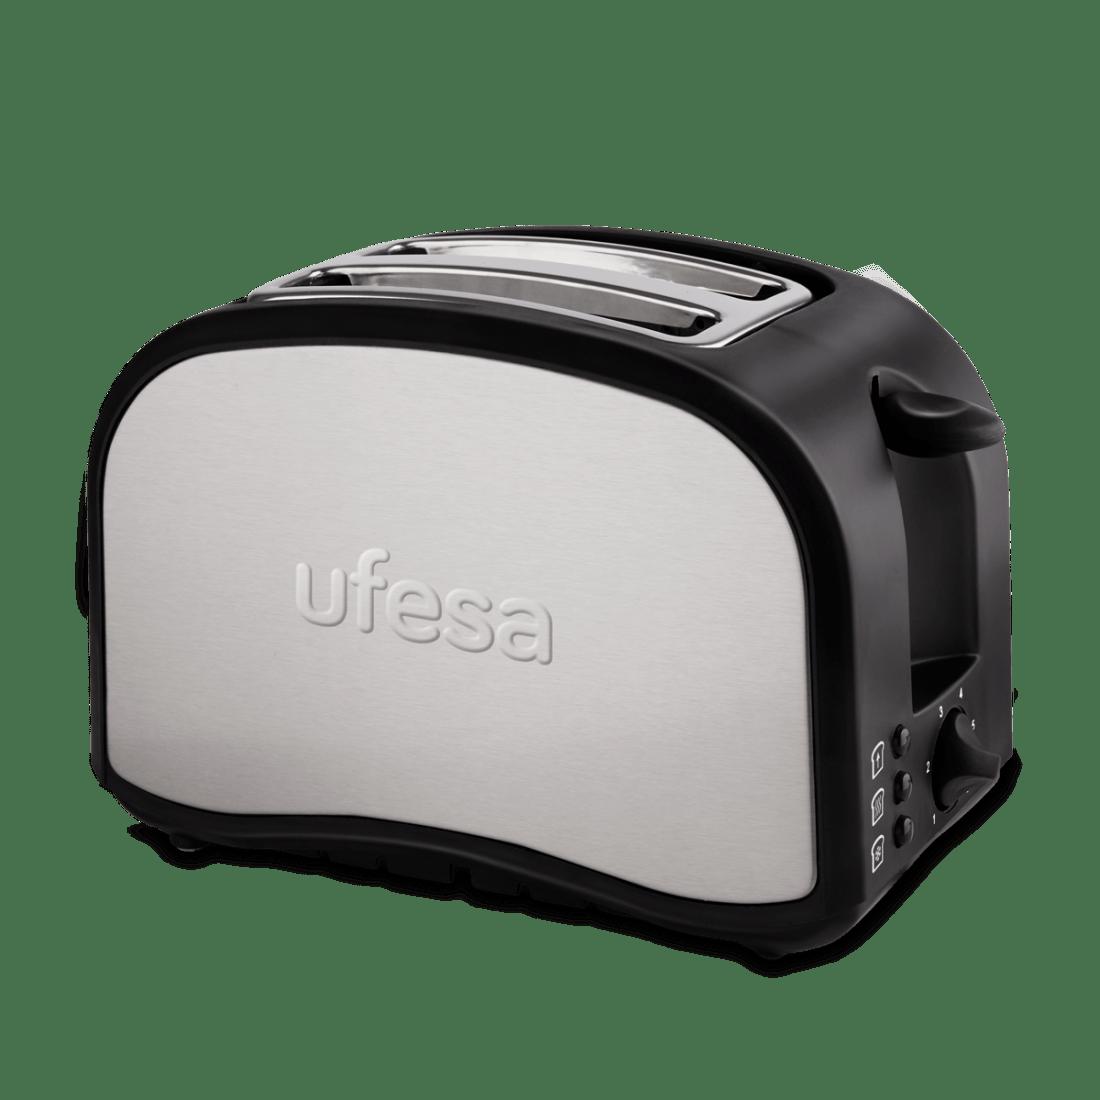 Tostador Ufesa TT7985